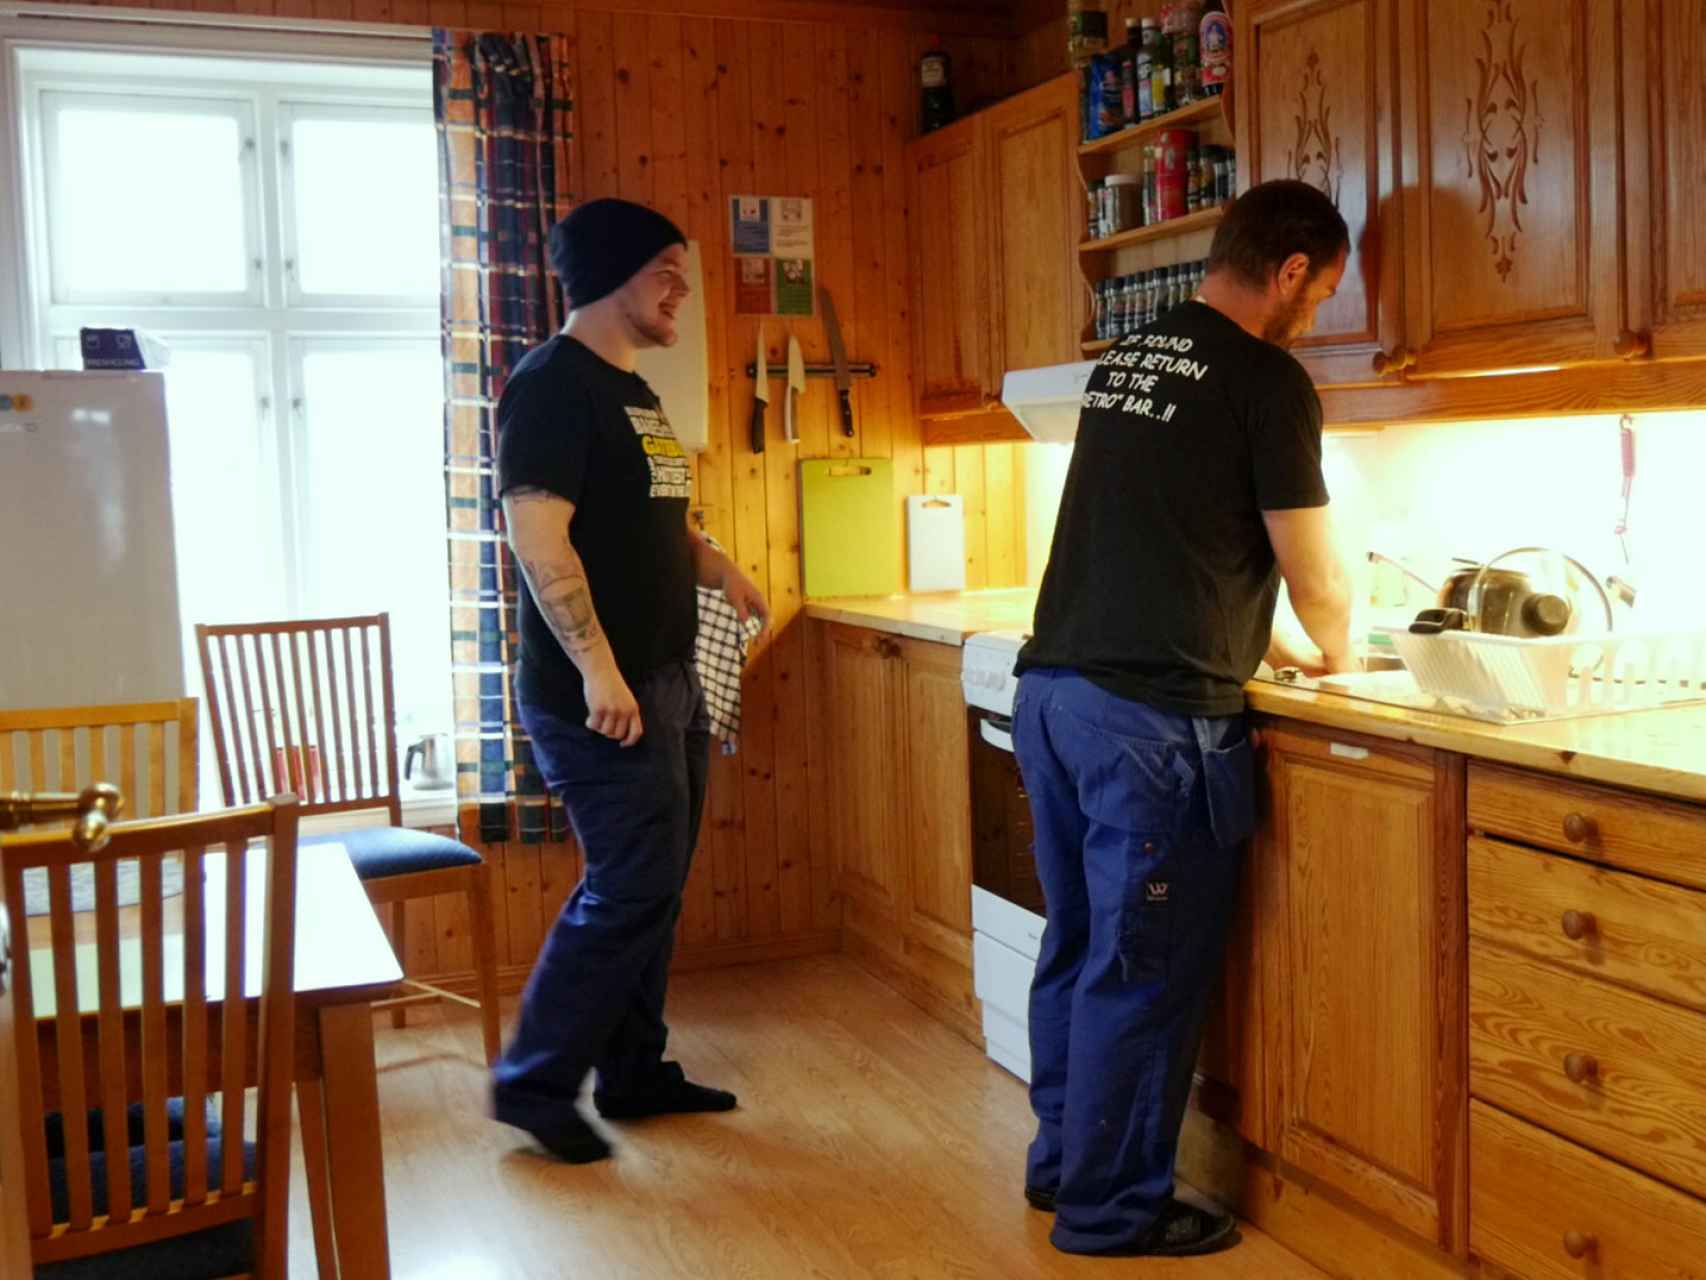 Dos presos en la cocina.